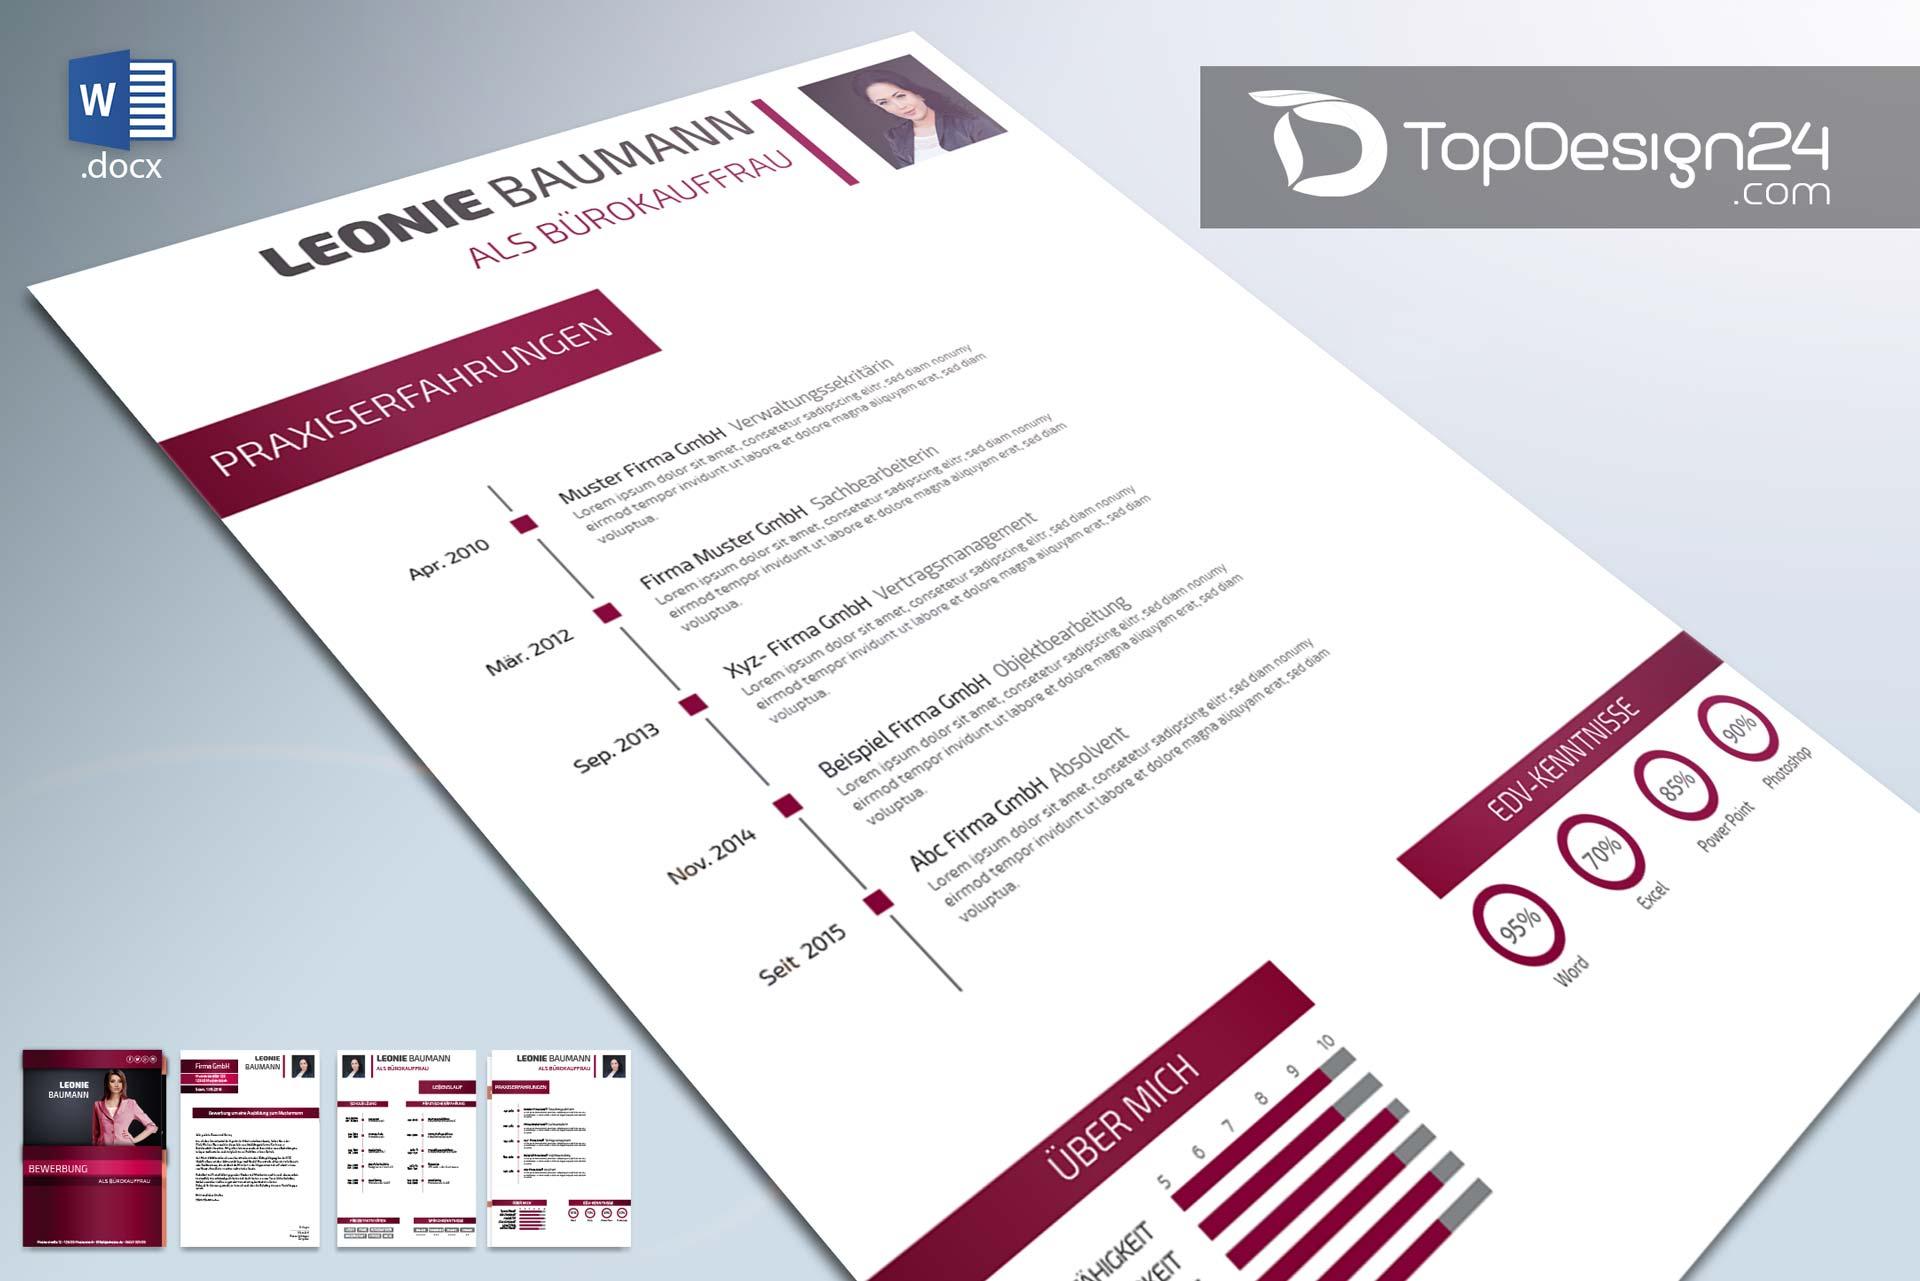 Bewerbung per Email schreiben -TopDesign24- wir zeigen es